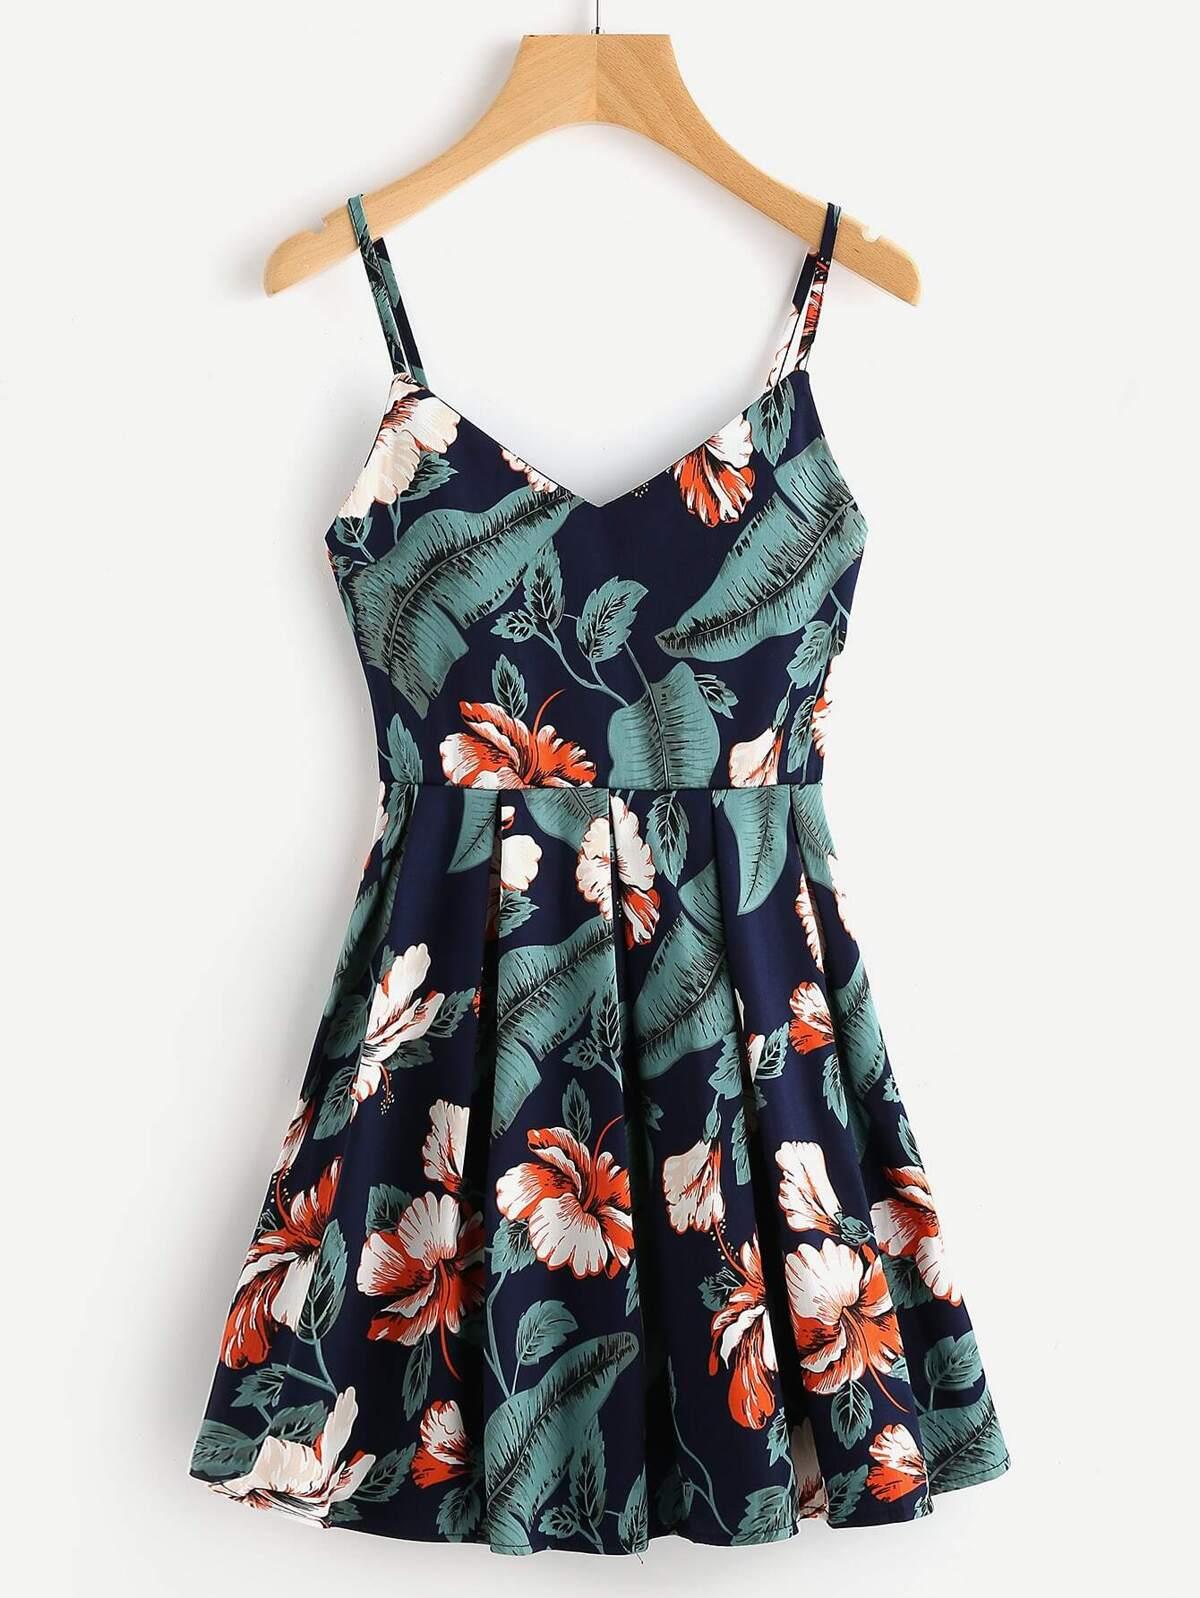 葉狀 花葉 圖片 隨意 箱型褶 無袖女用胸衣 洋裝